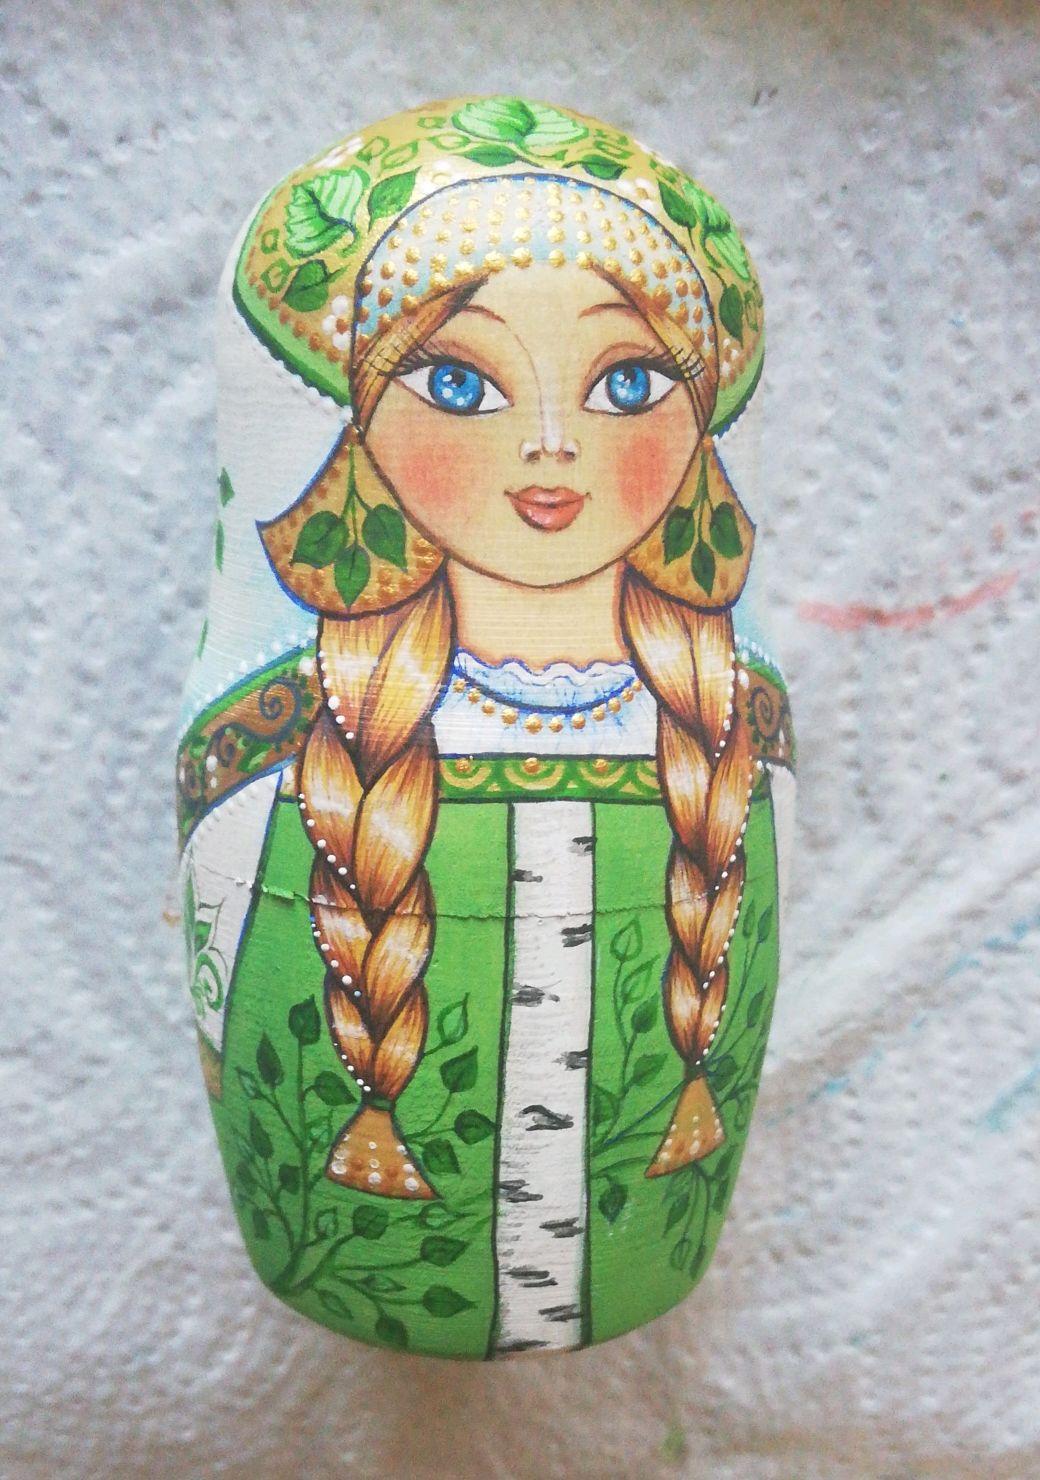 Матрешка одиночная Девочка Березка, Матрешки, Самара,  Фото №1